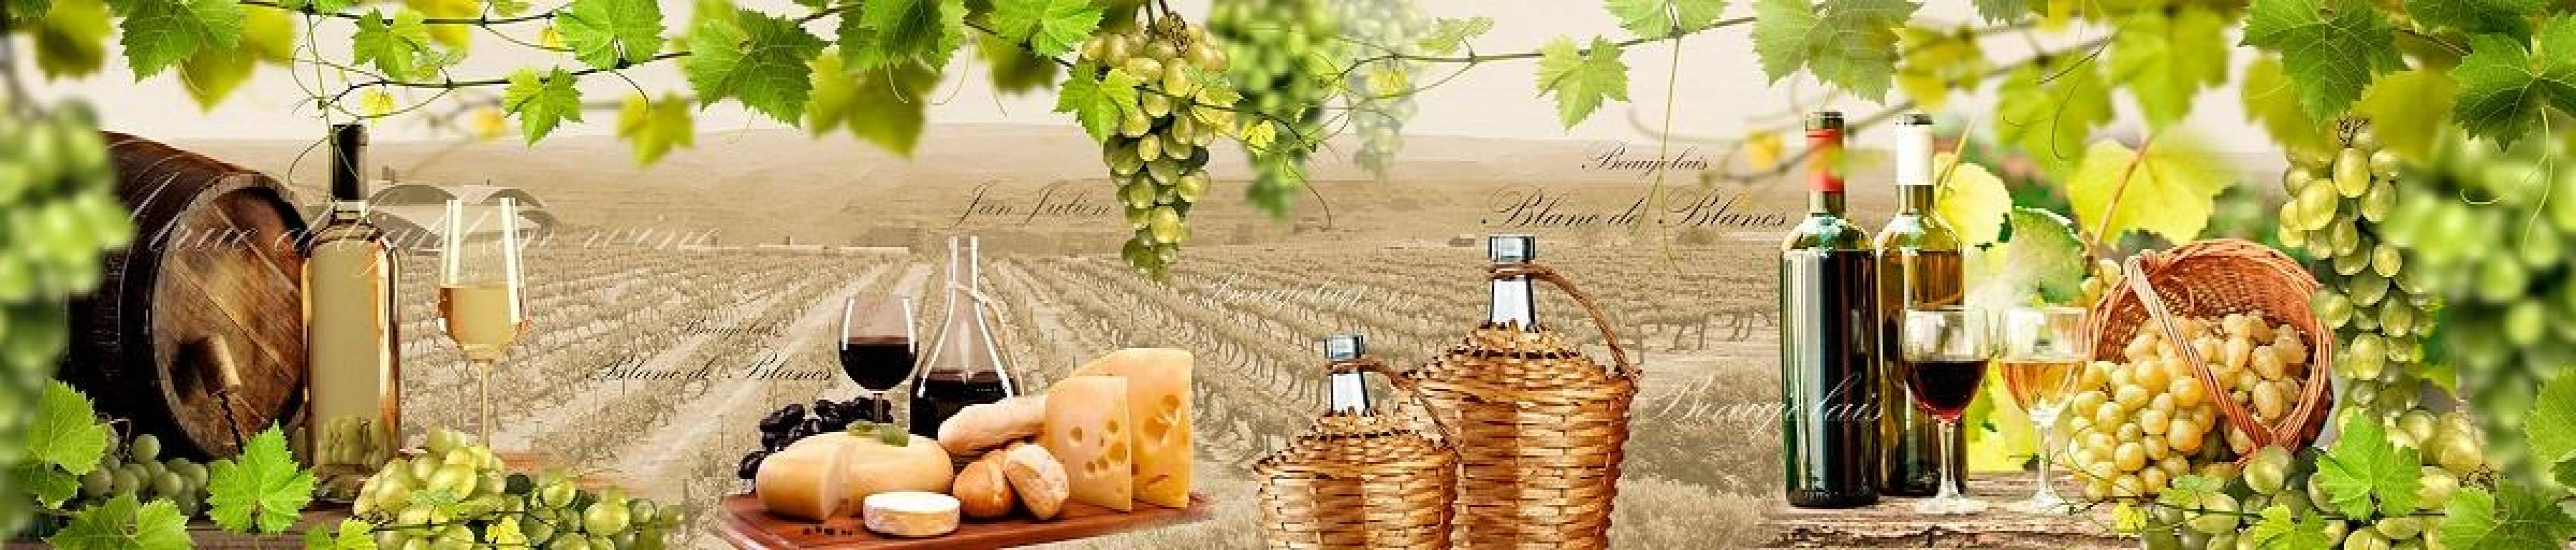 Кухонная панель AF-47 Вино и сыр Глянцевая ALDIO